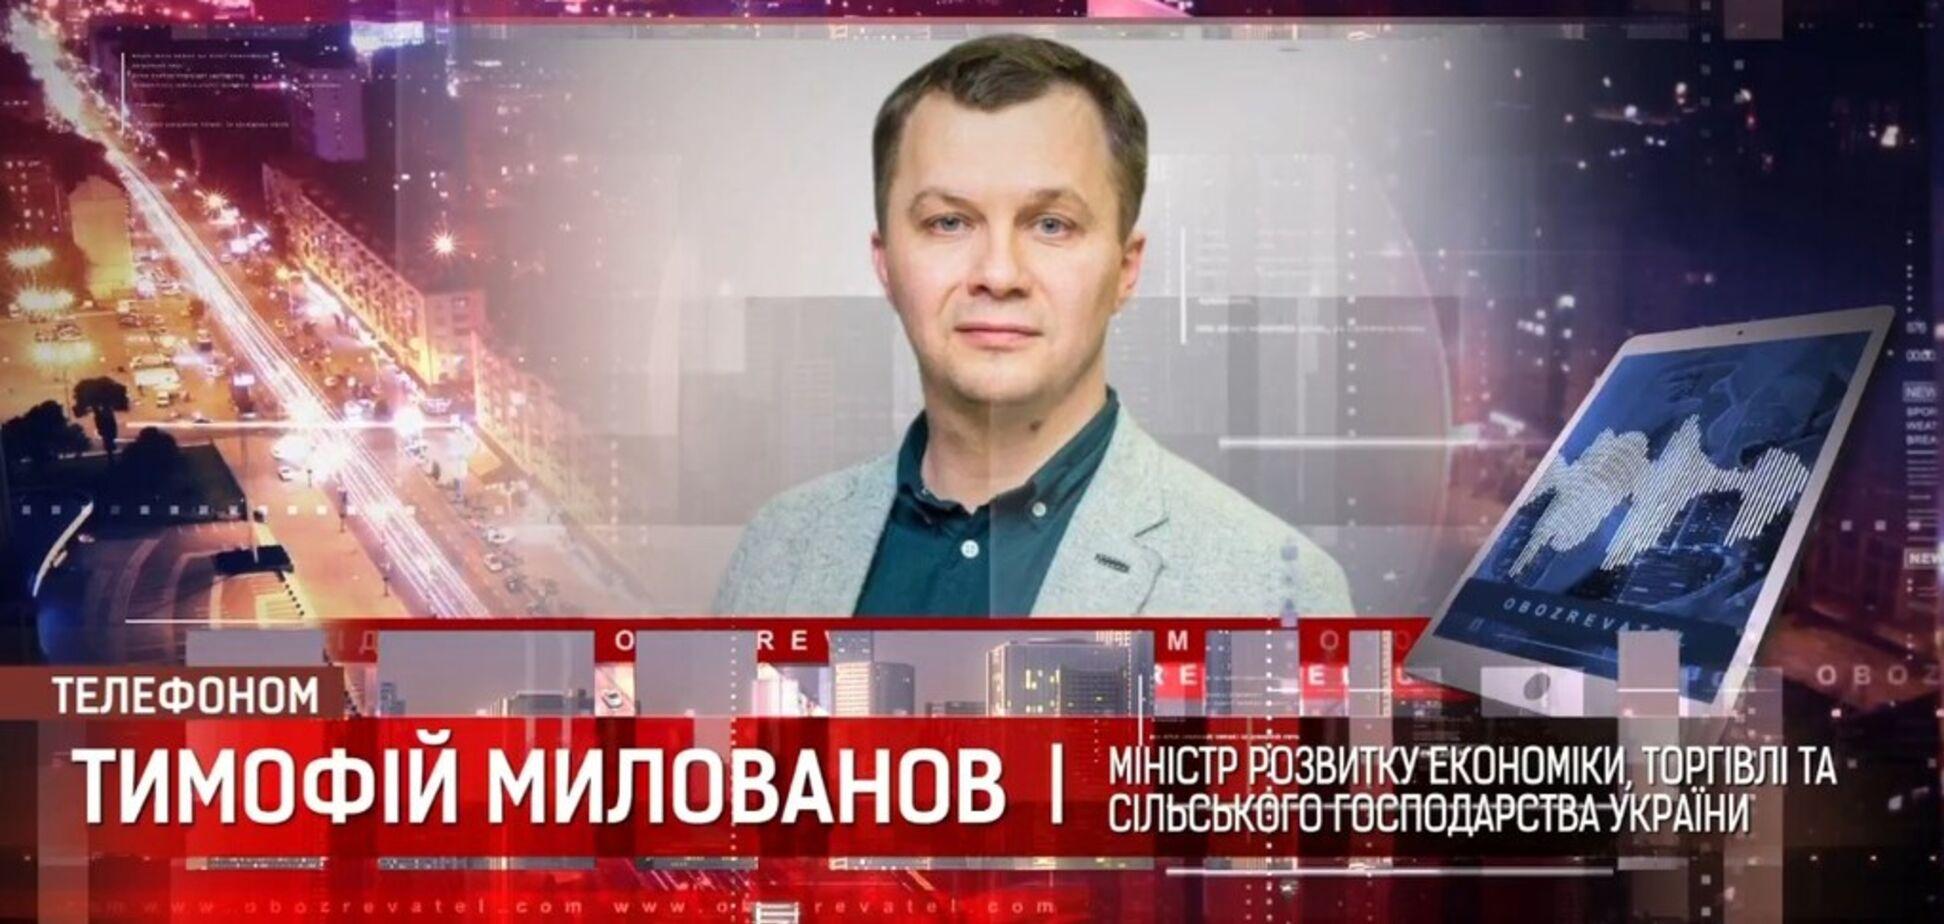 Як виростуть зарплати в Україні: Милованов назвав два сценарії